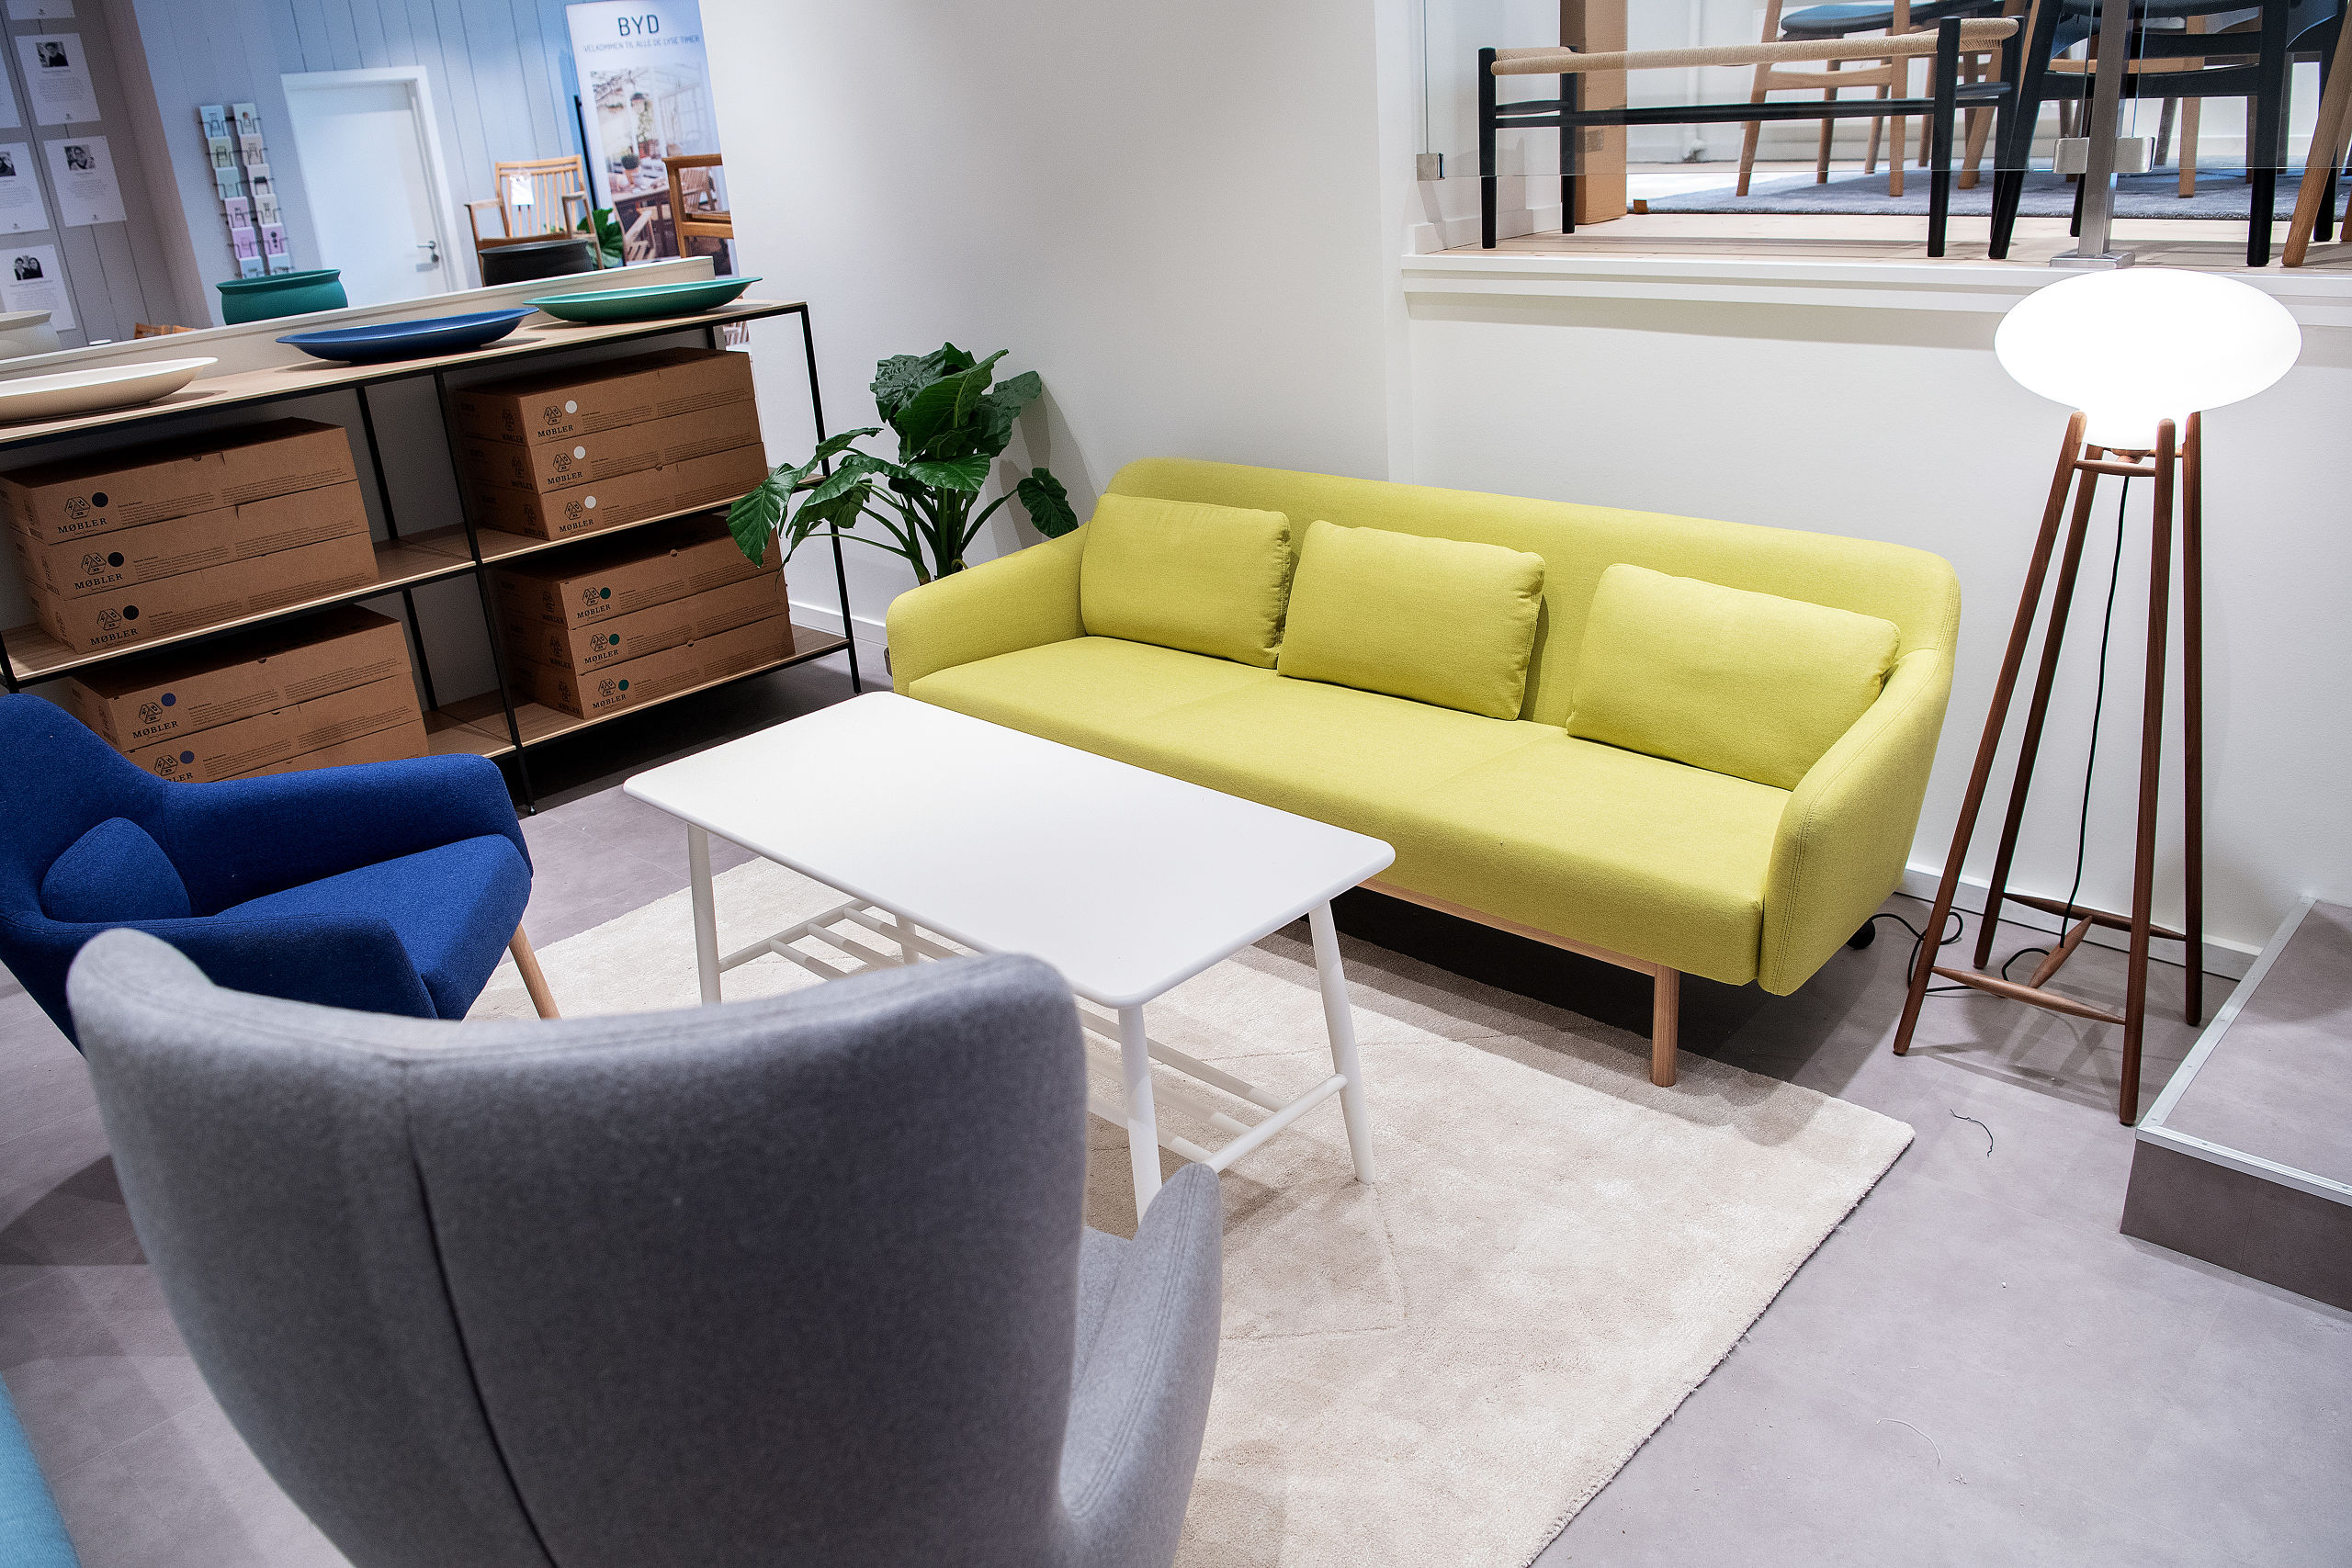 Butikken er indrettet i 'rum', hvor kan få inspiration til, hvordan møblerne kan sættes sammen. Foto: Lars Pauli